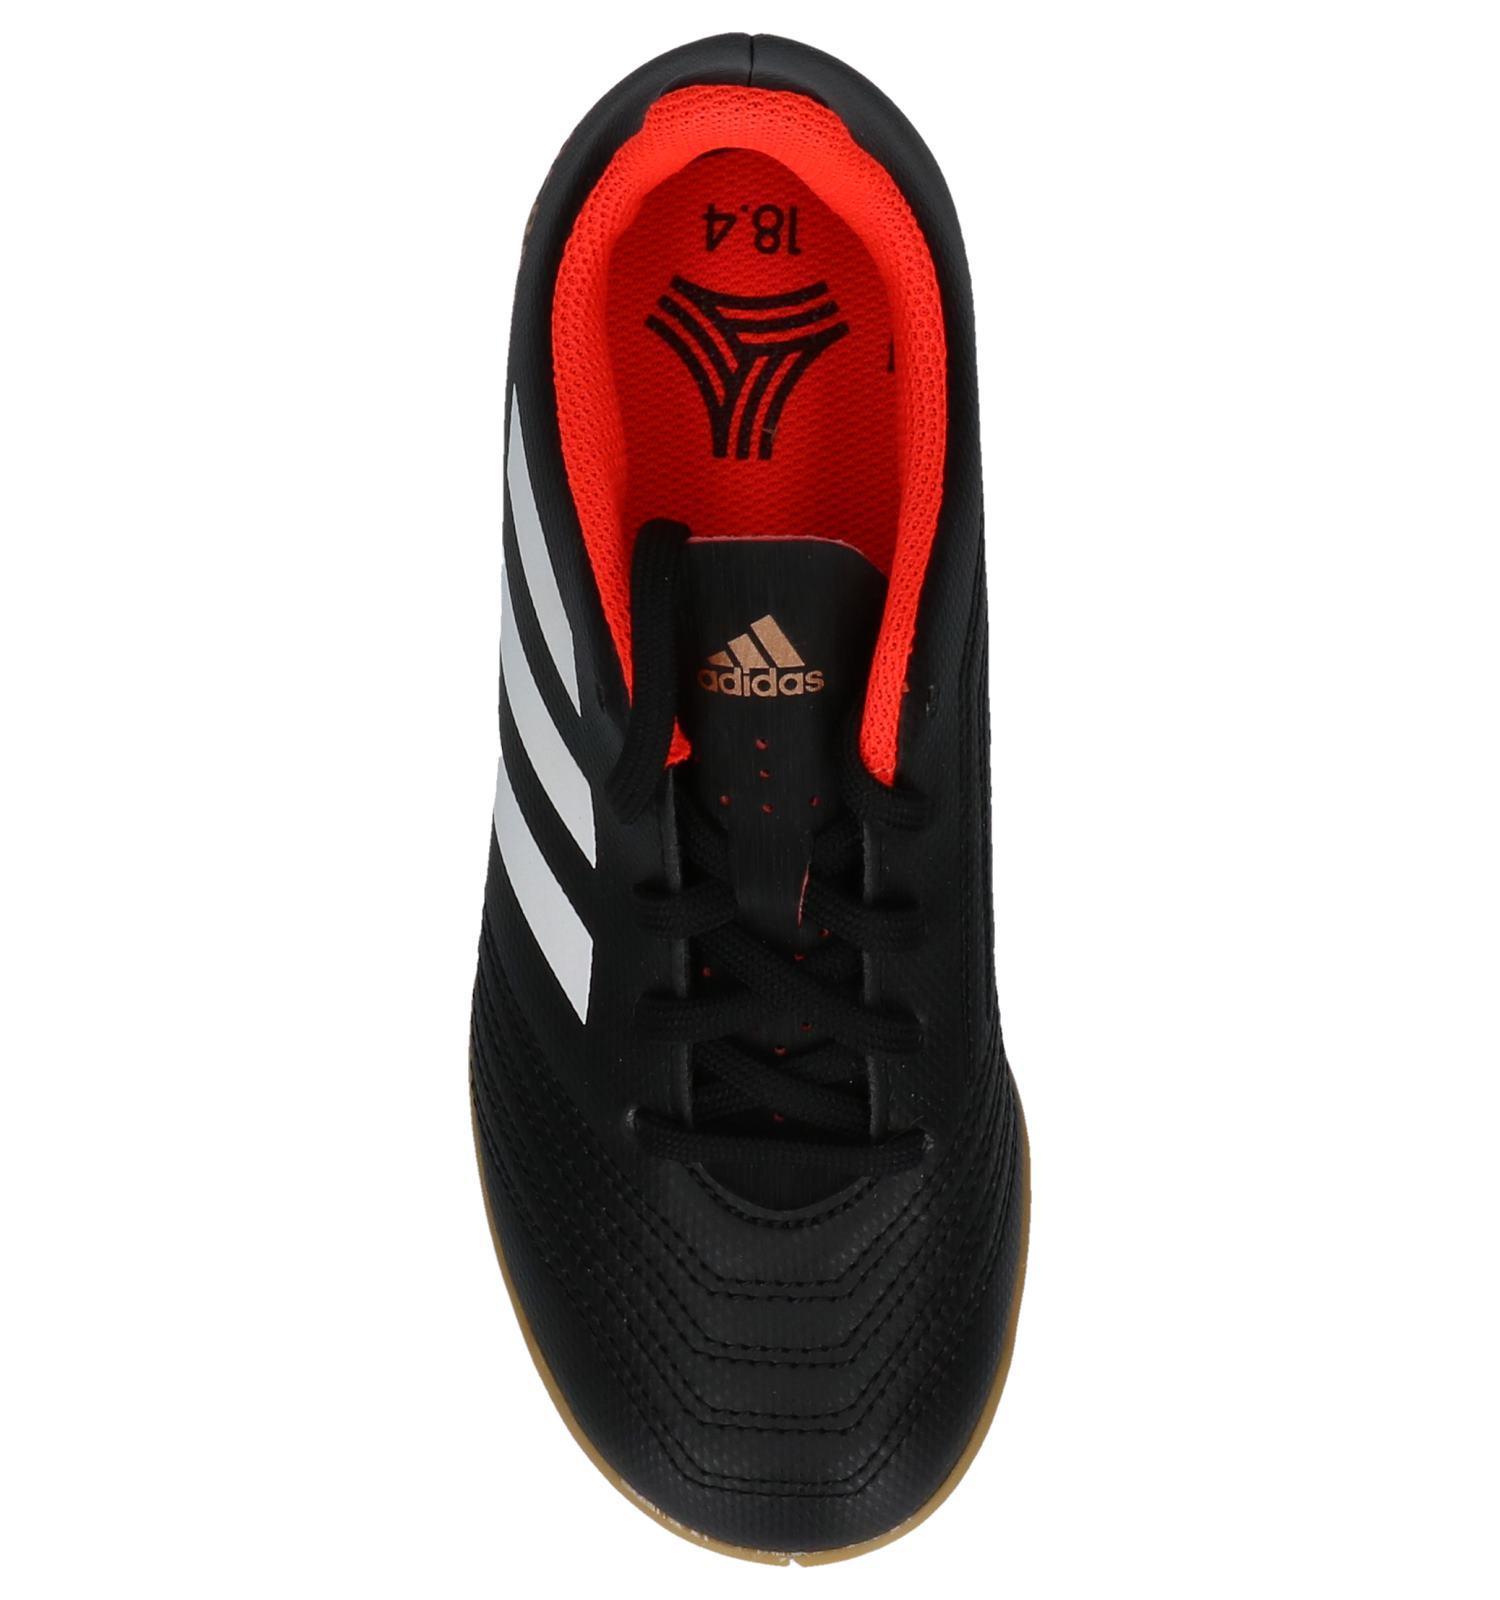 9a9a29f2b3d adidas Chaussures de foot (Noir) | TORFS.BE | Livraison et retour gratuits